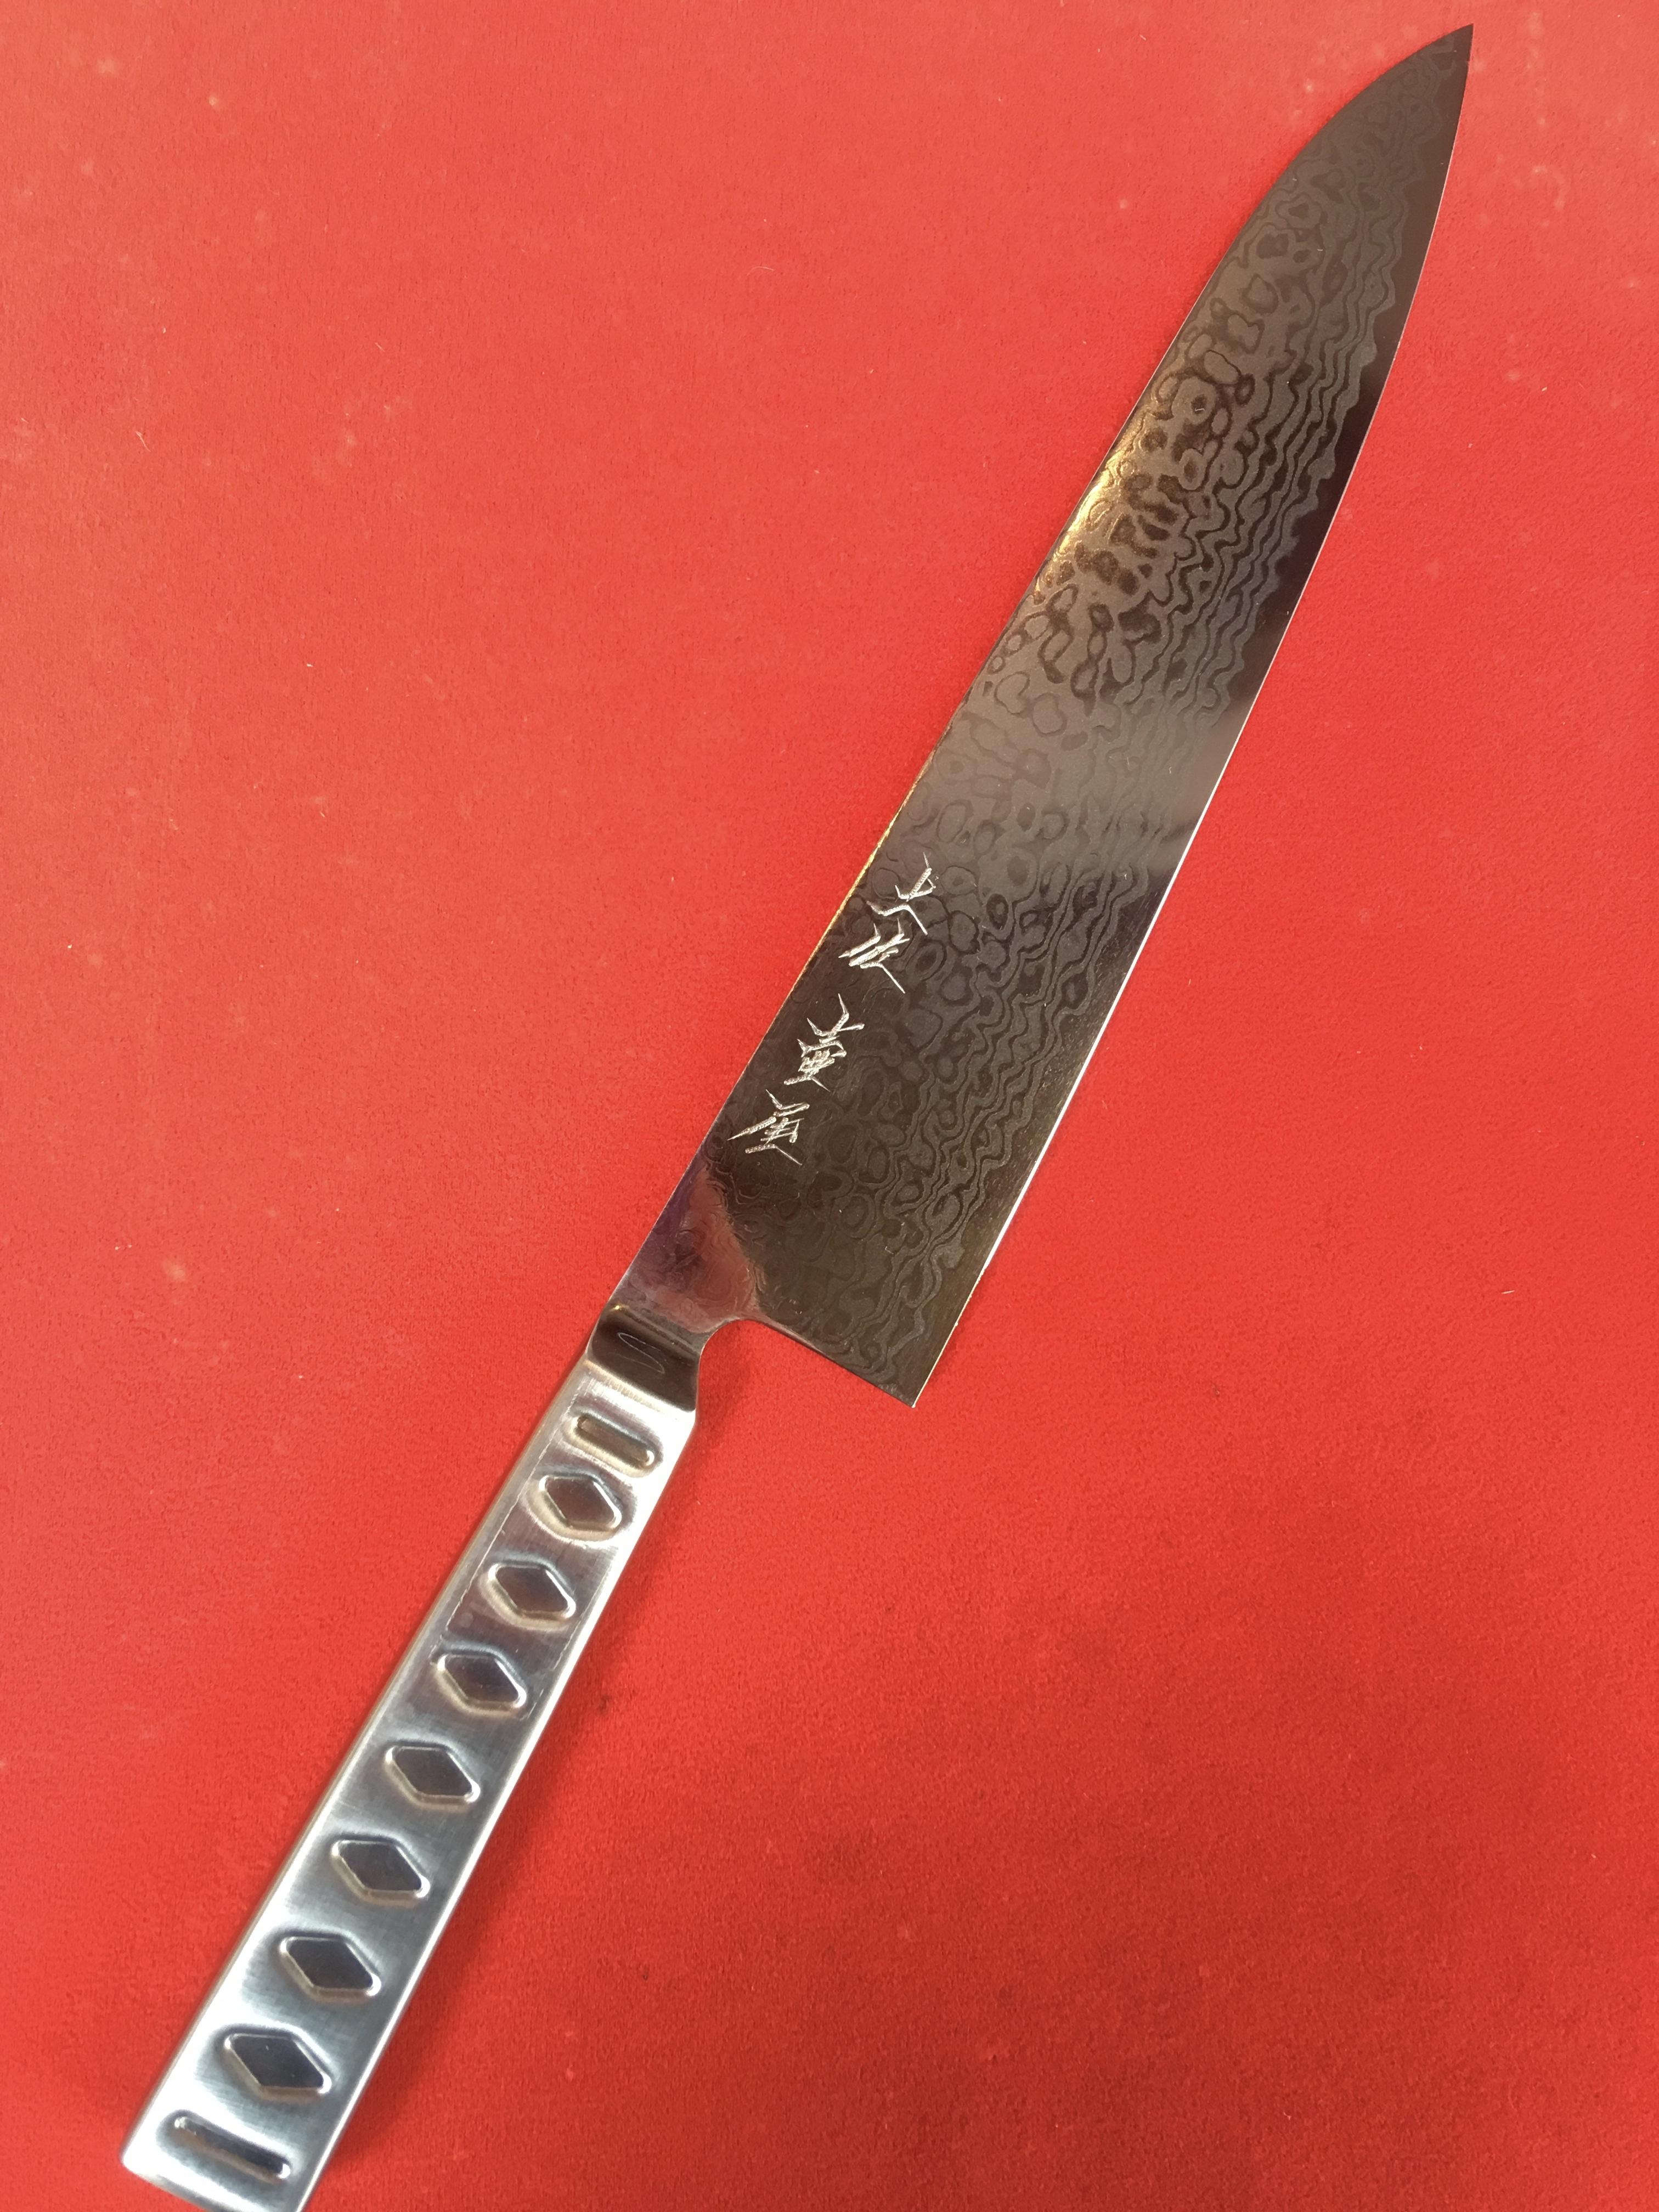 牛刀一体型 土佐十二衣鍛造 8寸(ダマスカス仕様)